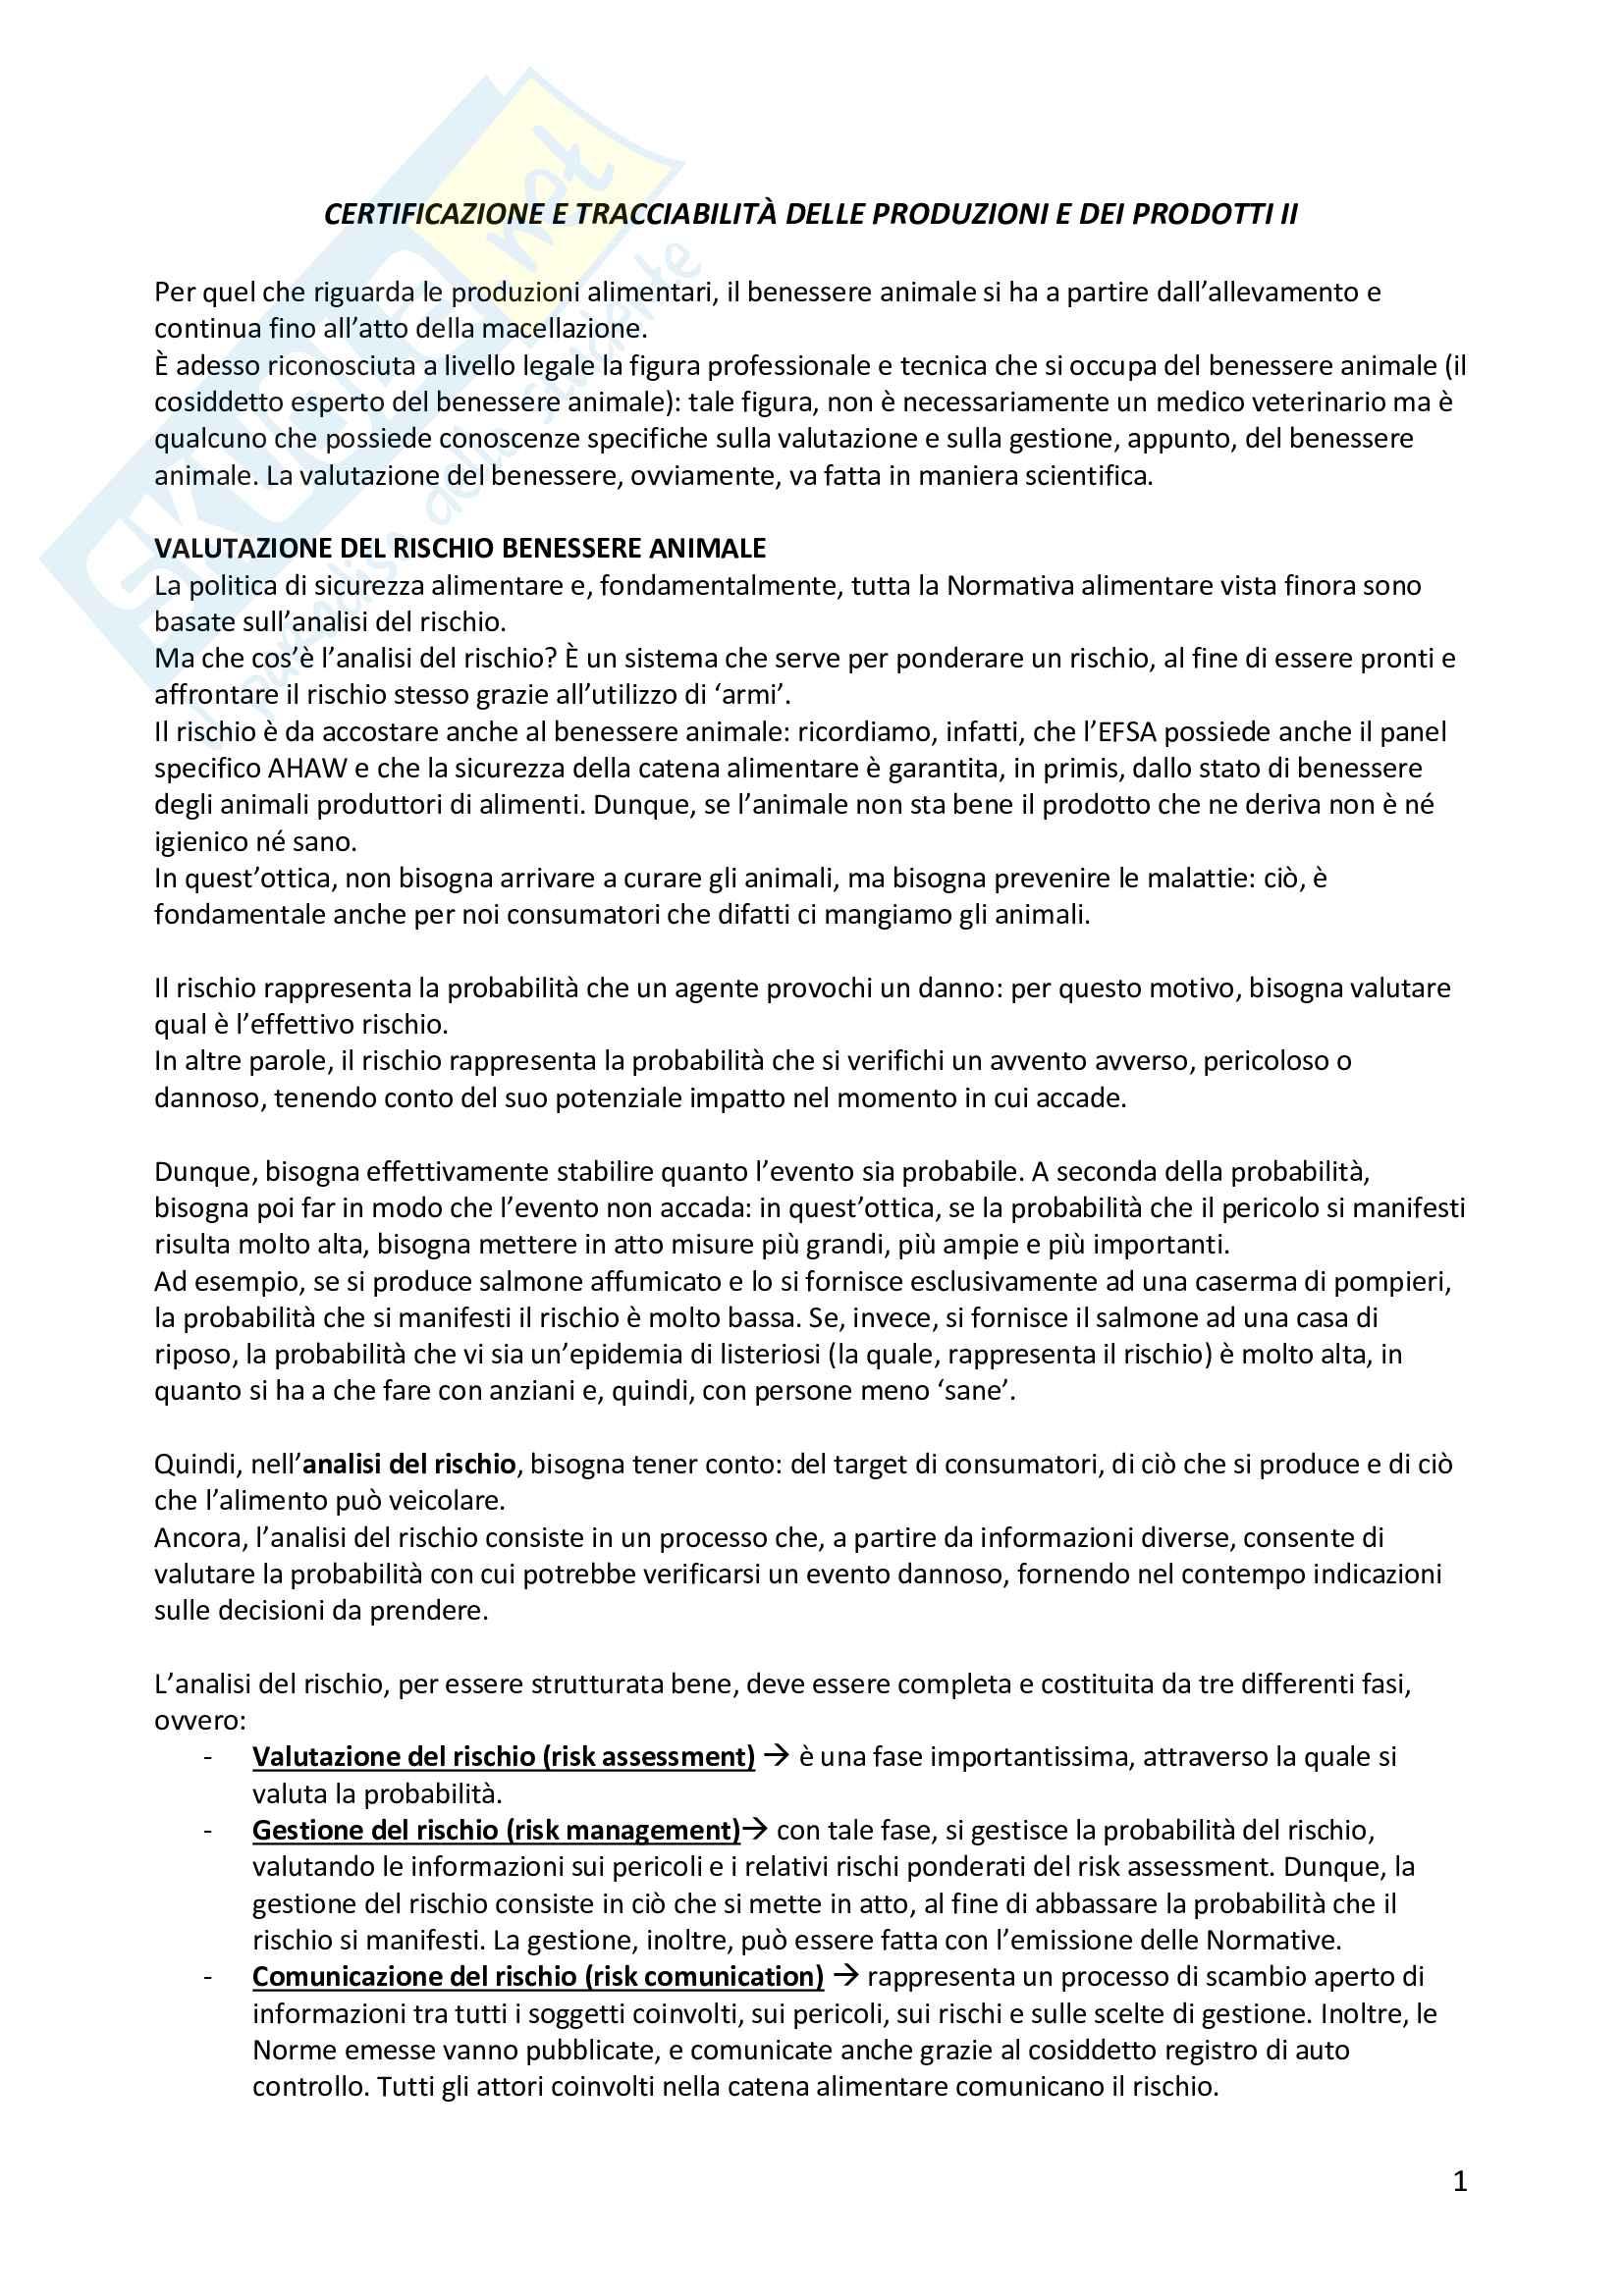 Certificazione e tracciabilità delle produzioni dei prodotti - unità 2